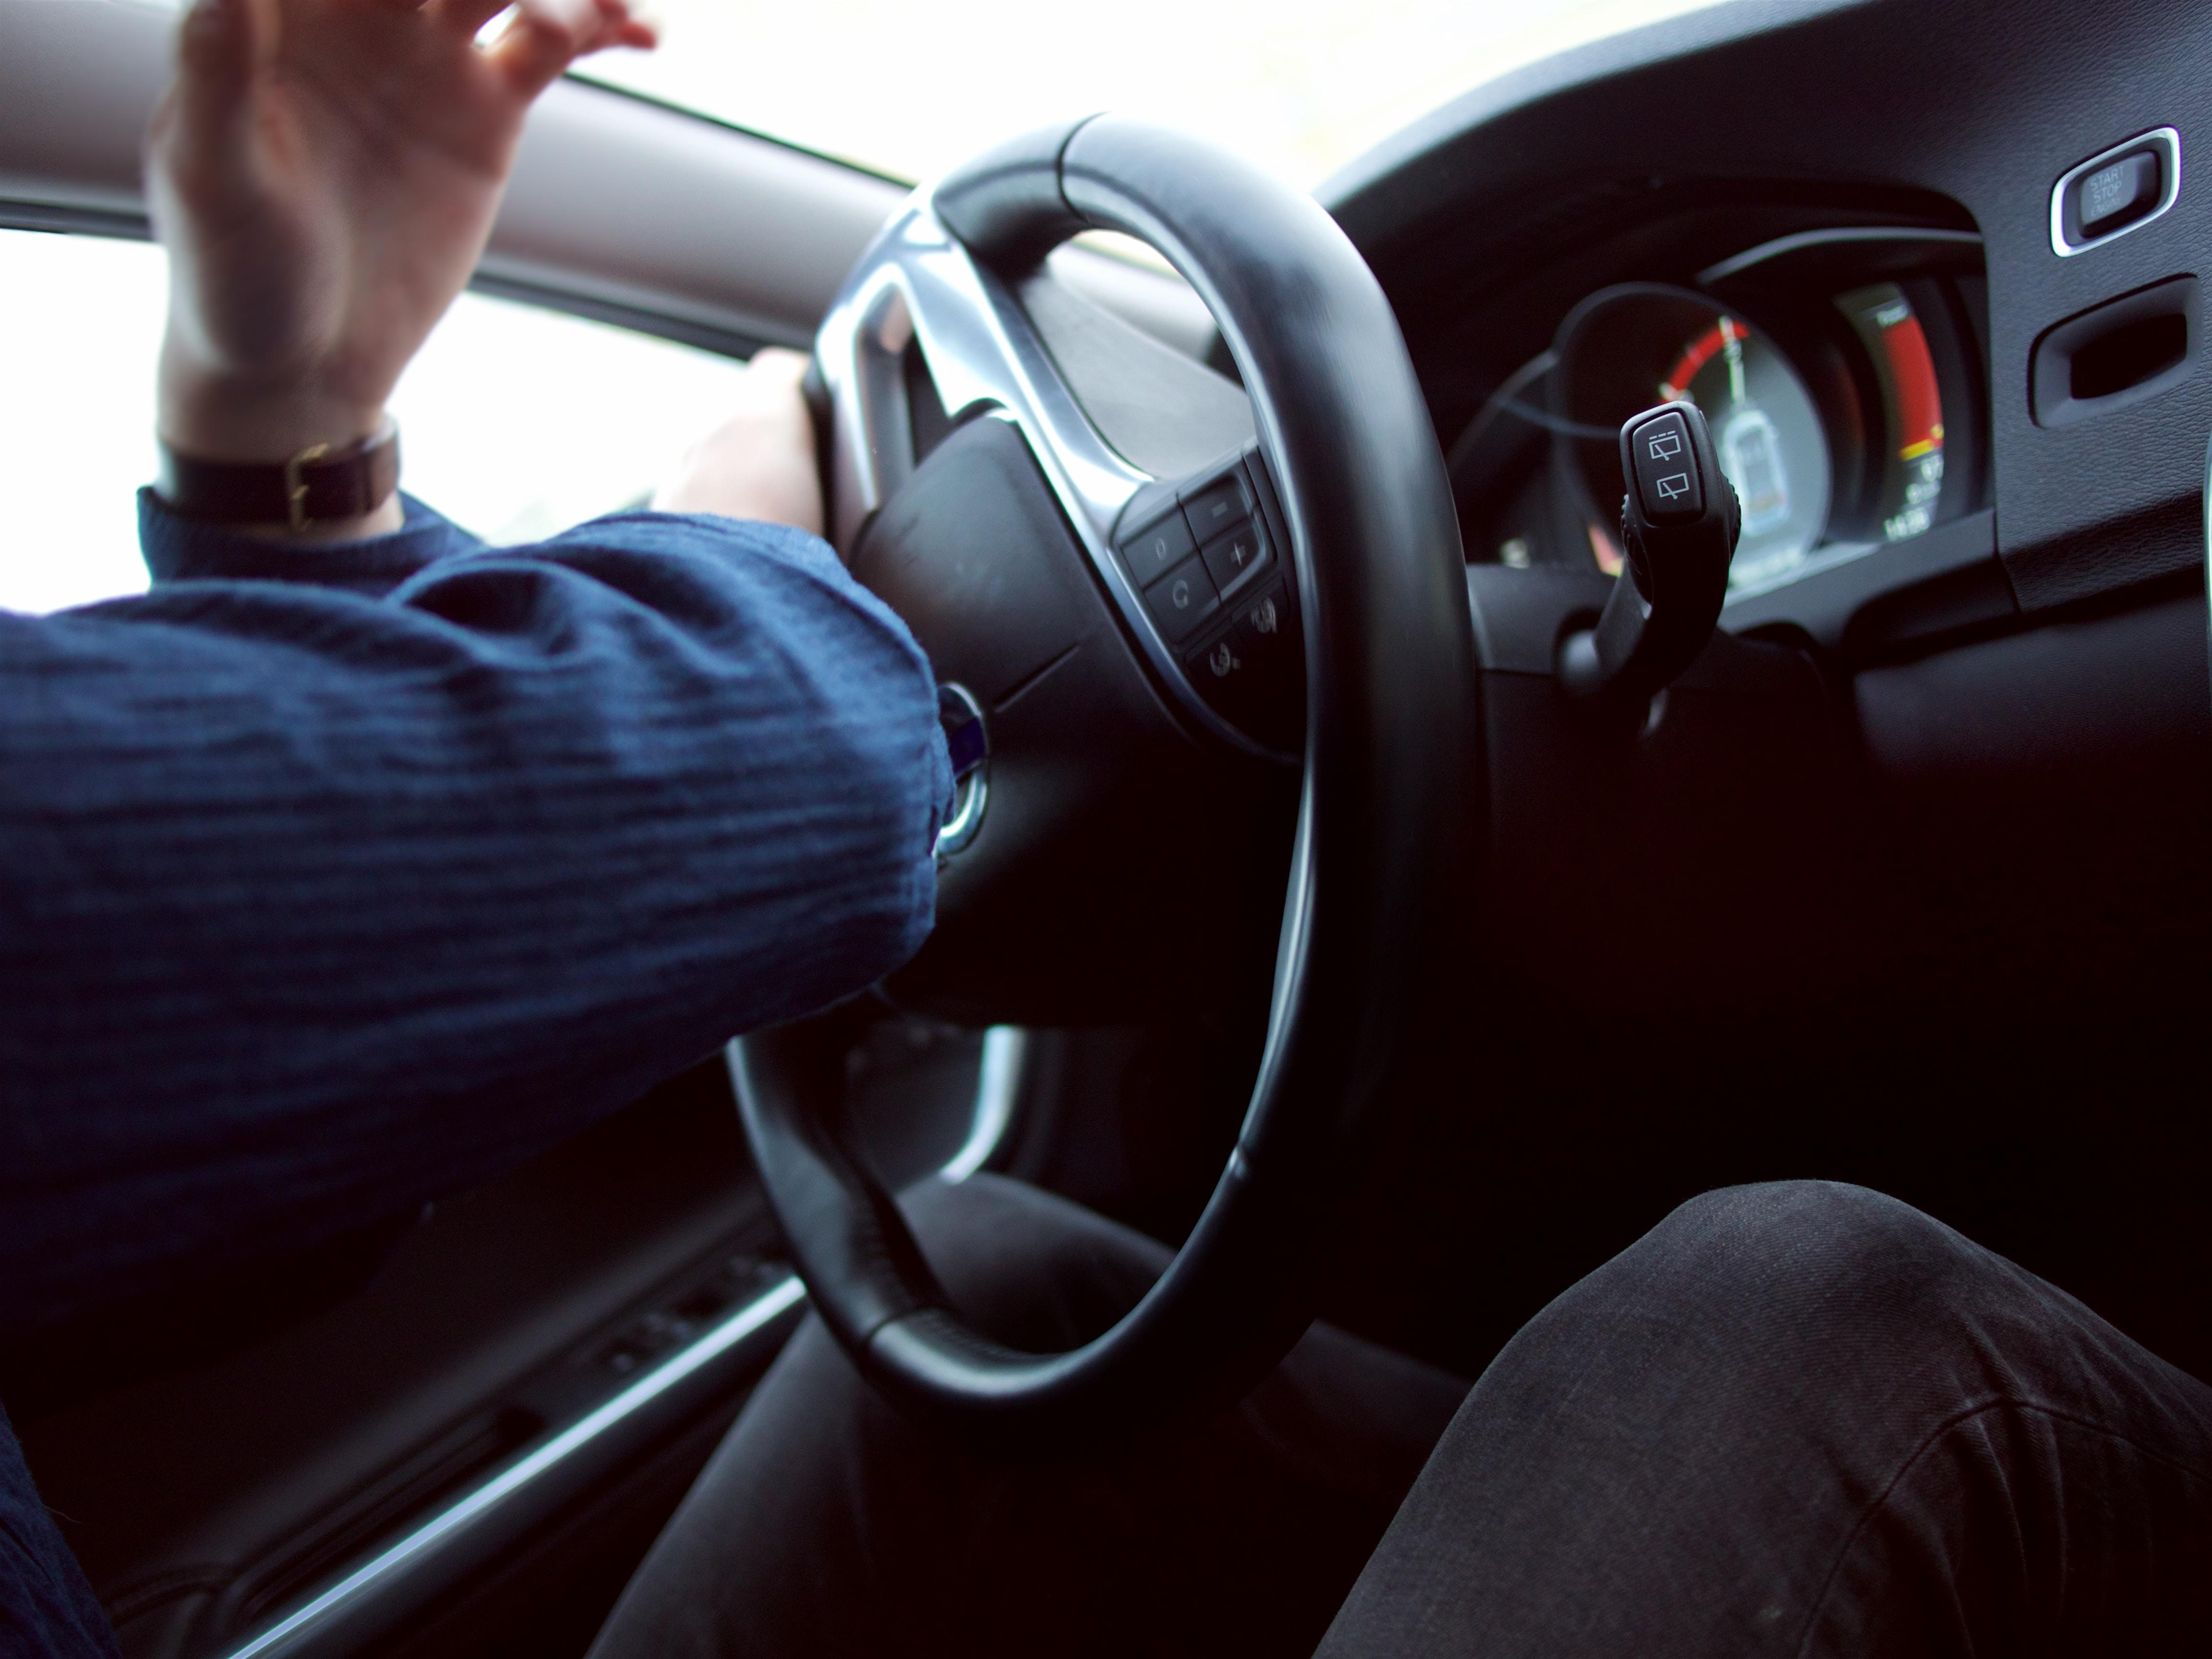 Säkerhetsanvisningar för bilbatterier